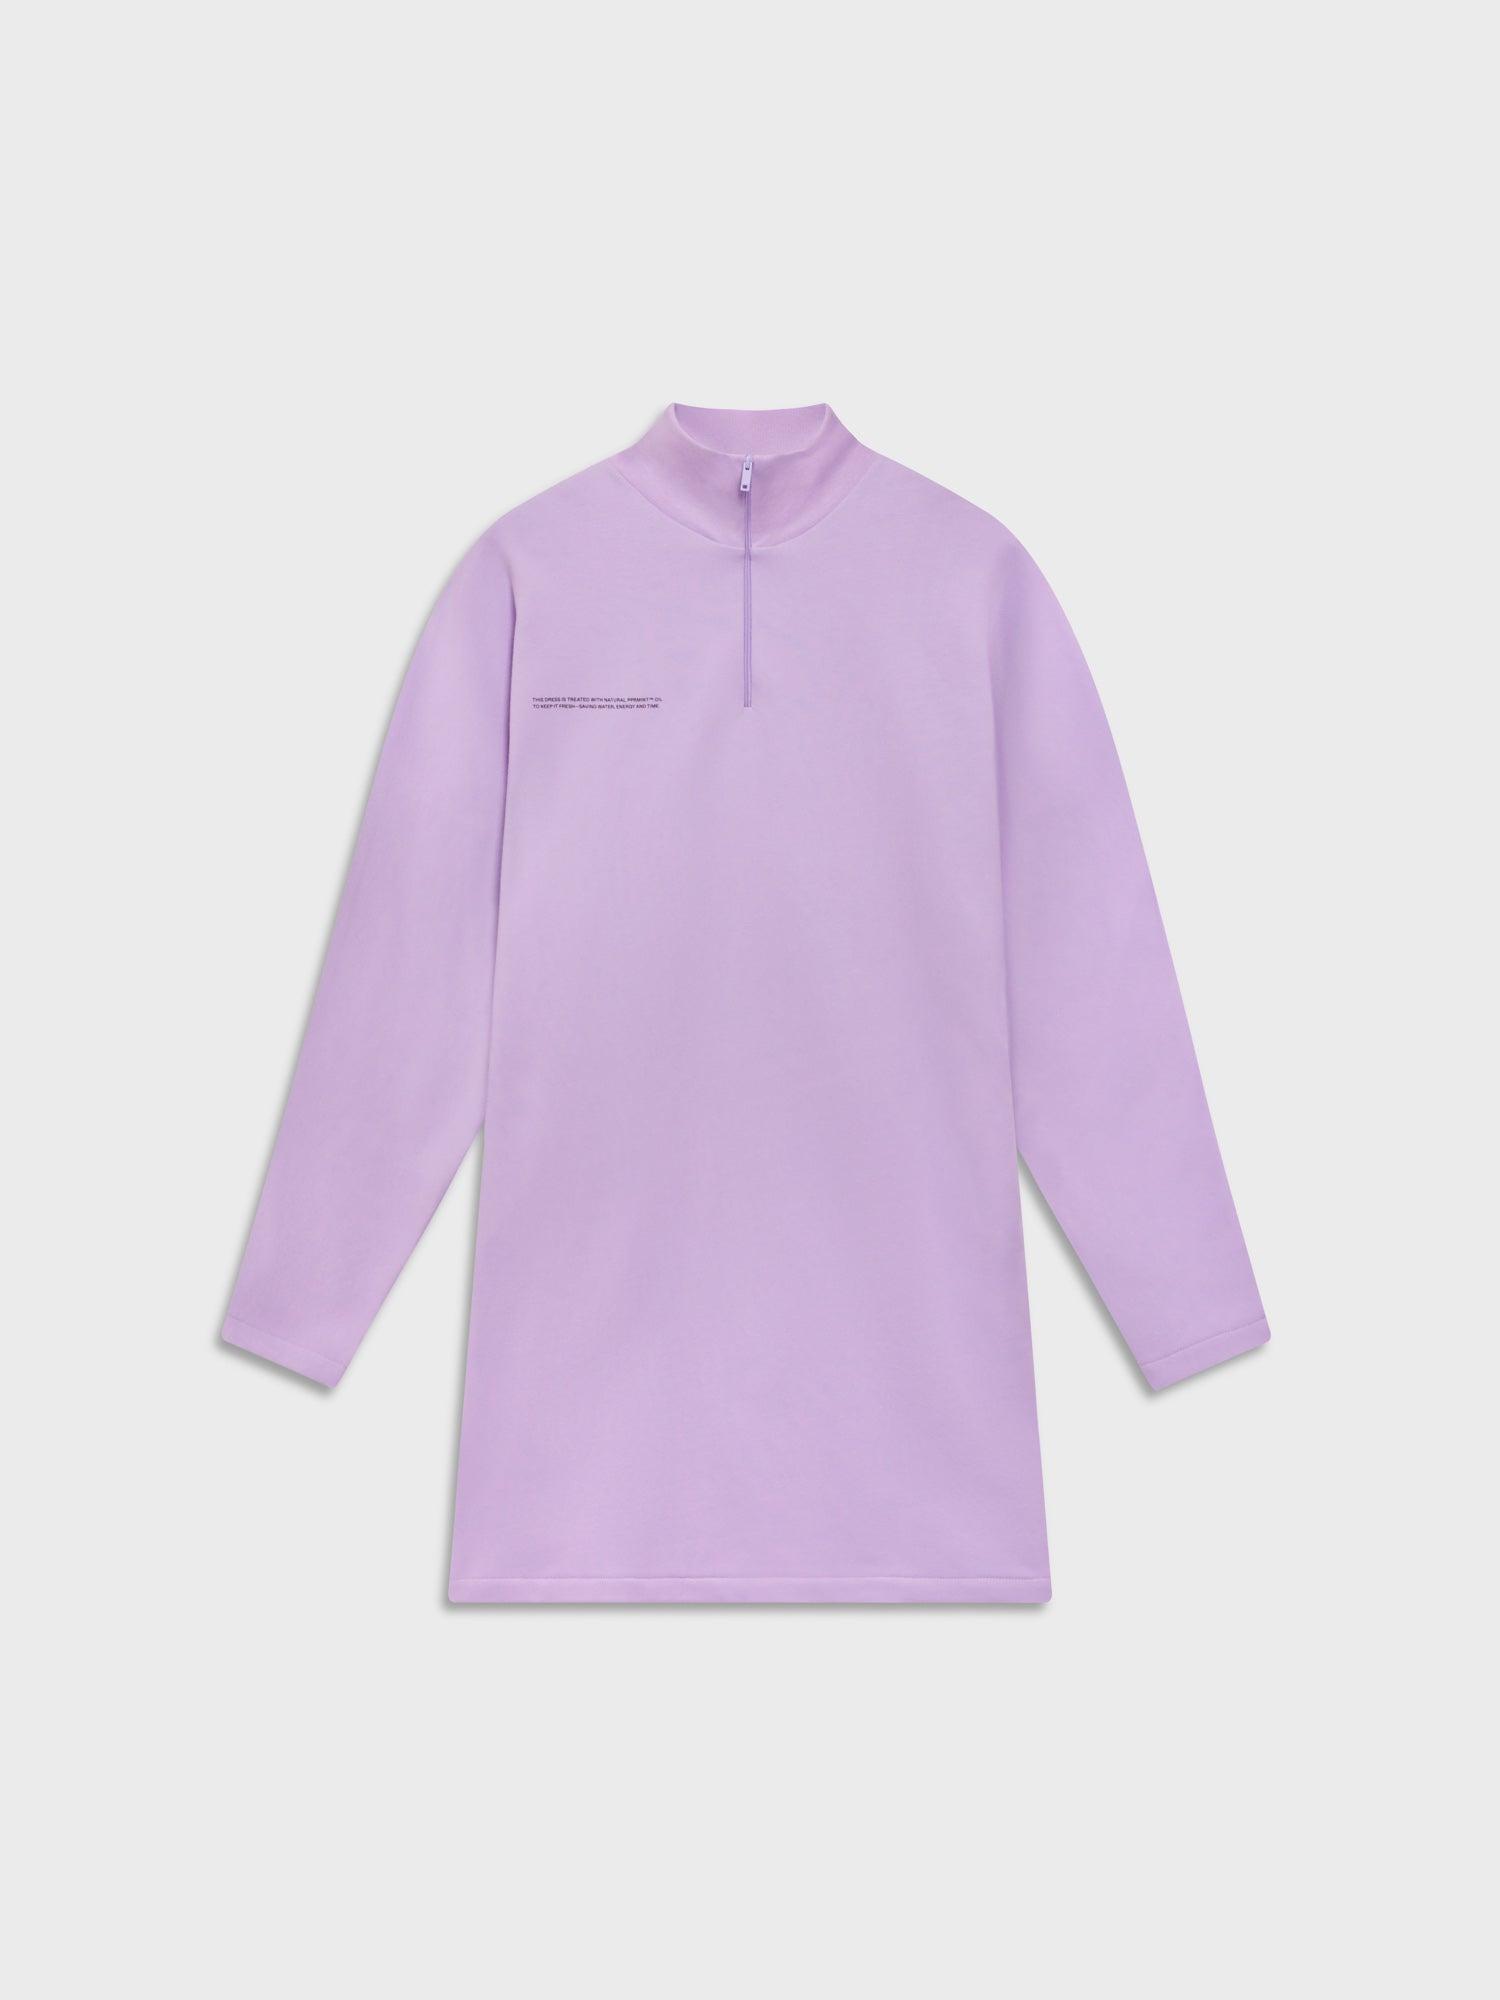 Women's Half-Zip Sweatshirt Dress